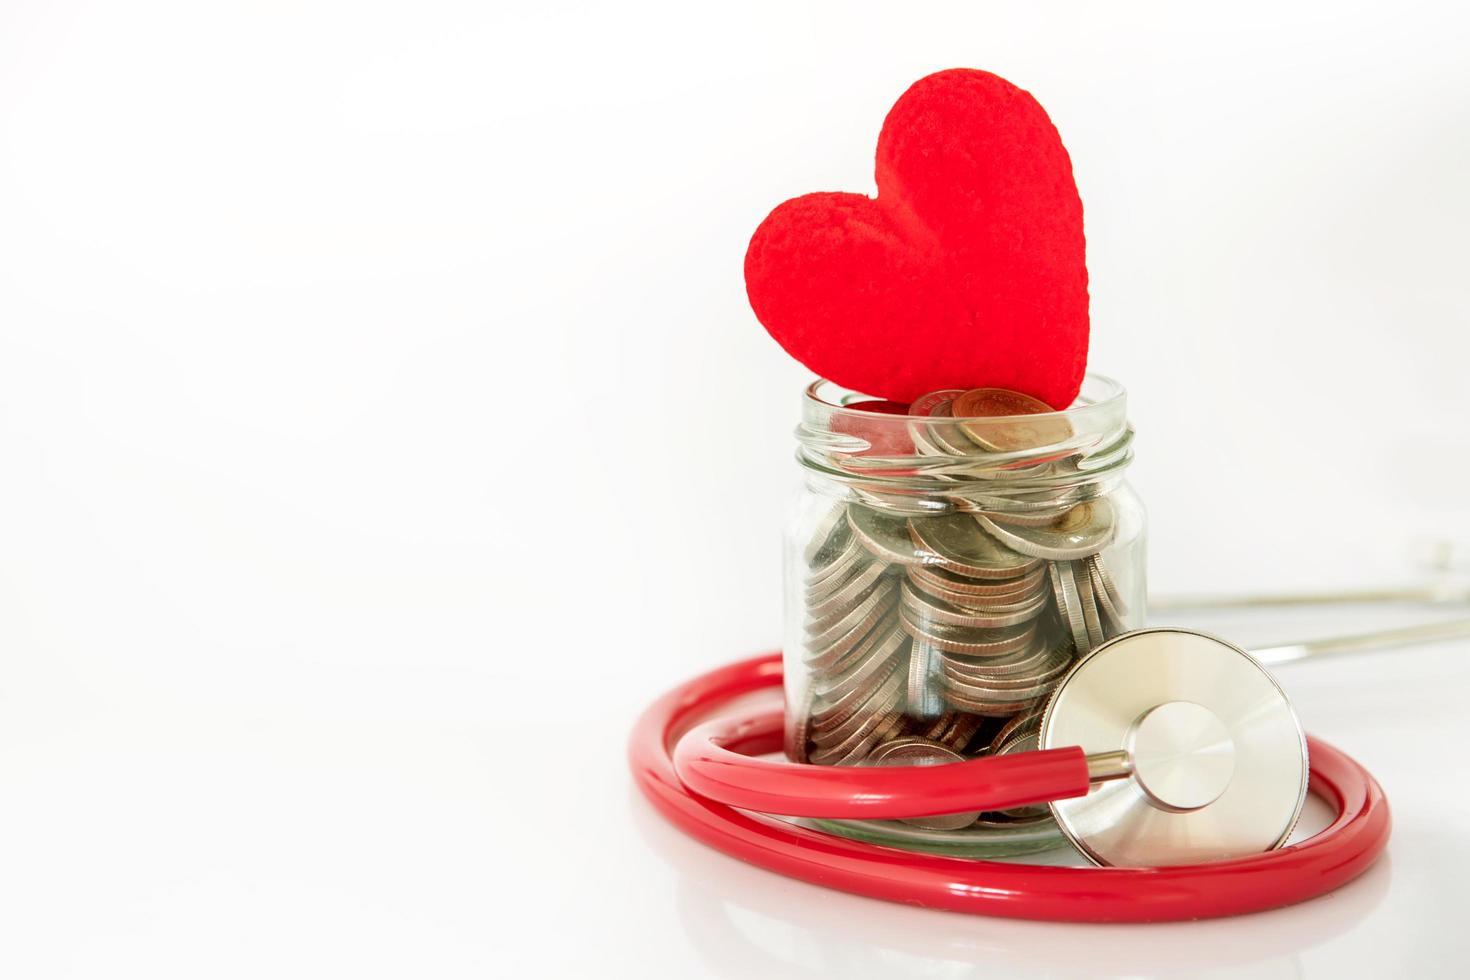 estetoscopio envuelto alrededor de un frasco de monedas con corazón foto